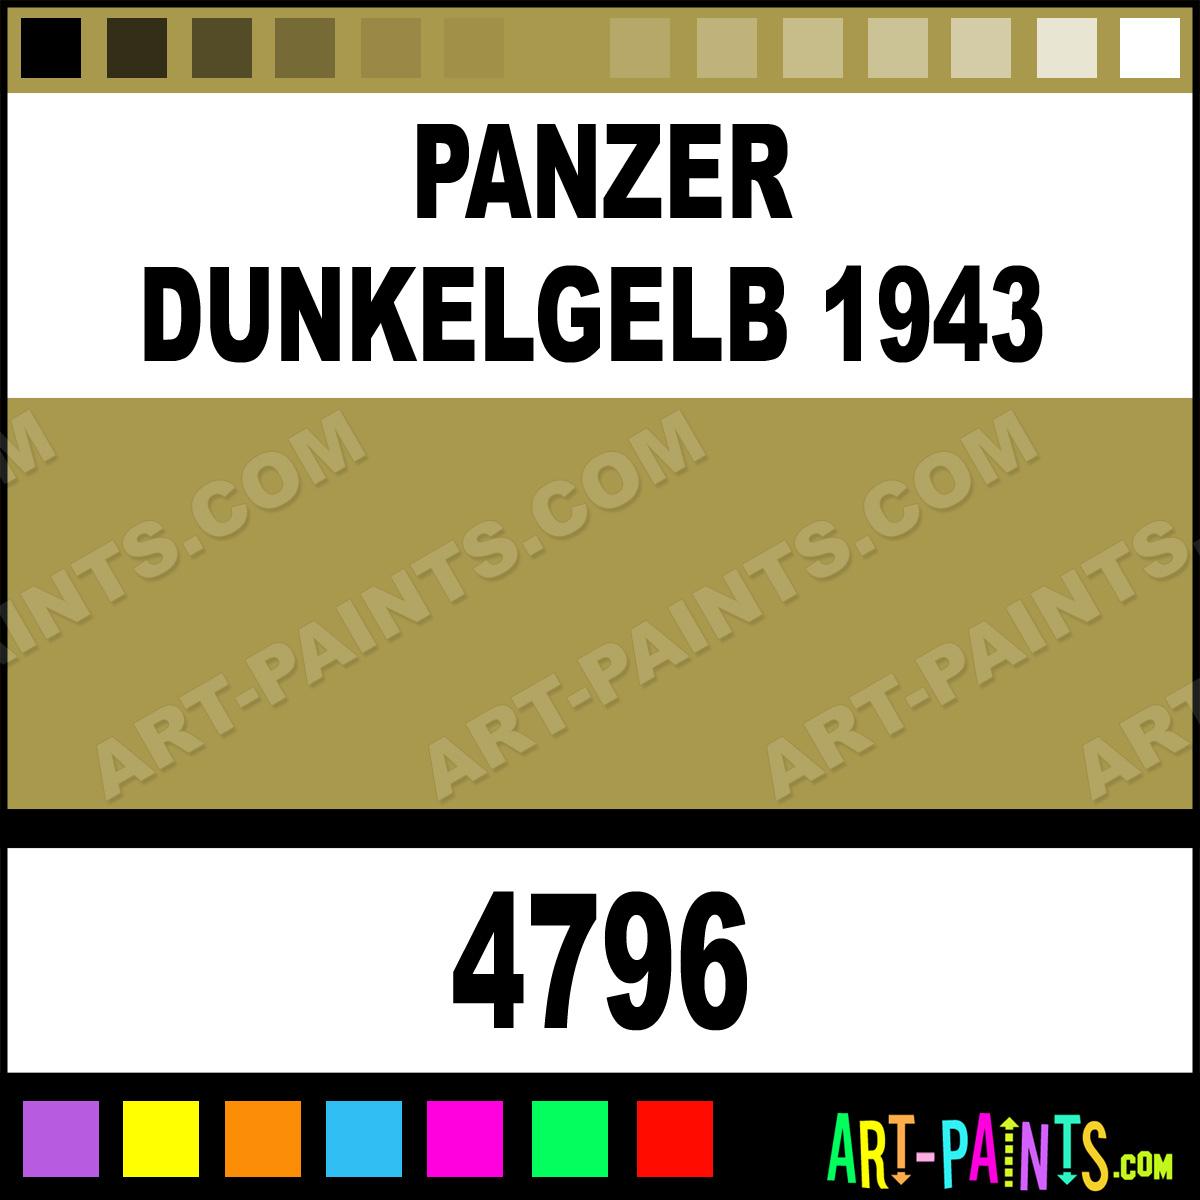 Panzer-Dunkelgelb-1943-lg.jpg